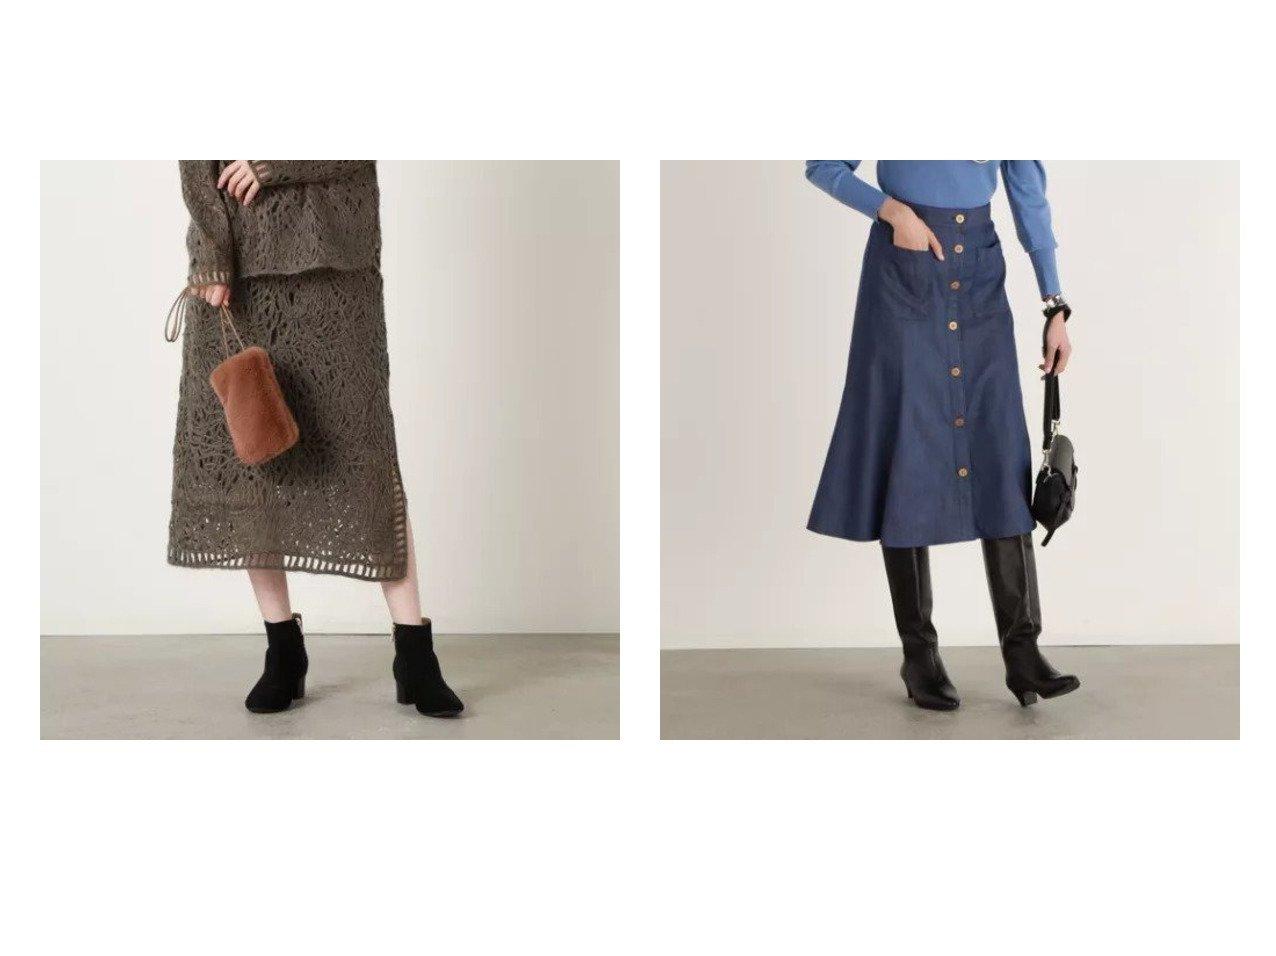 【NOLLEY'S/ノーリーズ】のフロントボタンフレアスカート&【マリリーンムーン】マクラメニットスカート 【スカート】おすすめ!人気、トレンド・レディースファッションの通販 おすすめで人気の流行・トレンド、ファッションの通販商品 インテリア・家具・メンズファッション・キッズファッション・レディースファッション・服の通販 founy(ファニー) https://founy.com/ ファッション Fashion レディースファッション WOMEN スカート Skirt Aライン/フレアスカート Flared A-Line Skirts 2021年 2021 2021-2022秋冬・A/W AW・Autumn/Winter・FW・Fall-Winter・2021-2022 A/W・秋冬 AW・Autumn/Winter・FW・Fall-Winter スリット セットアップ おすすめ Recommend コーデュロイ フレア フロント ポケット 吸水 |ID:crp329100000070680